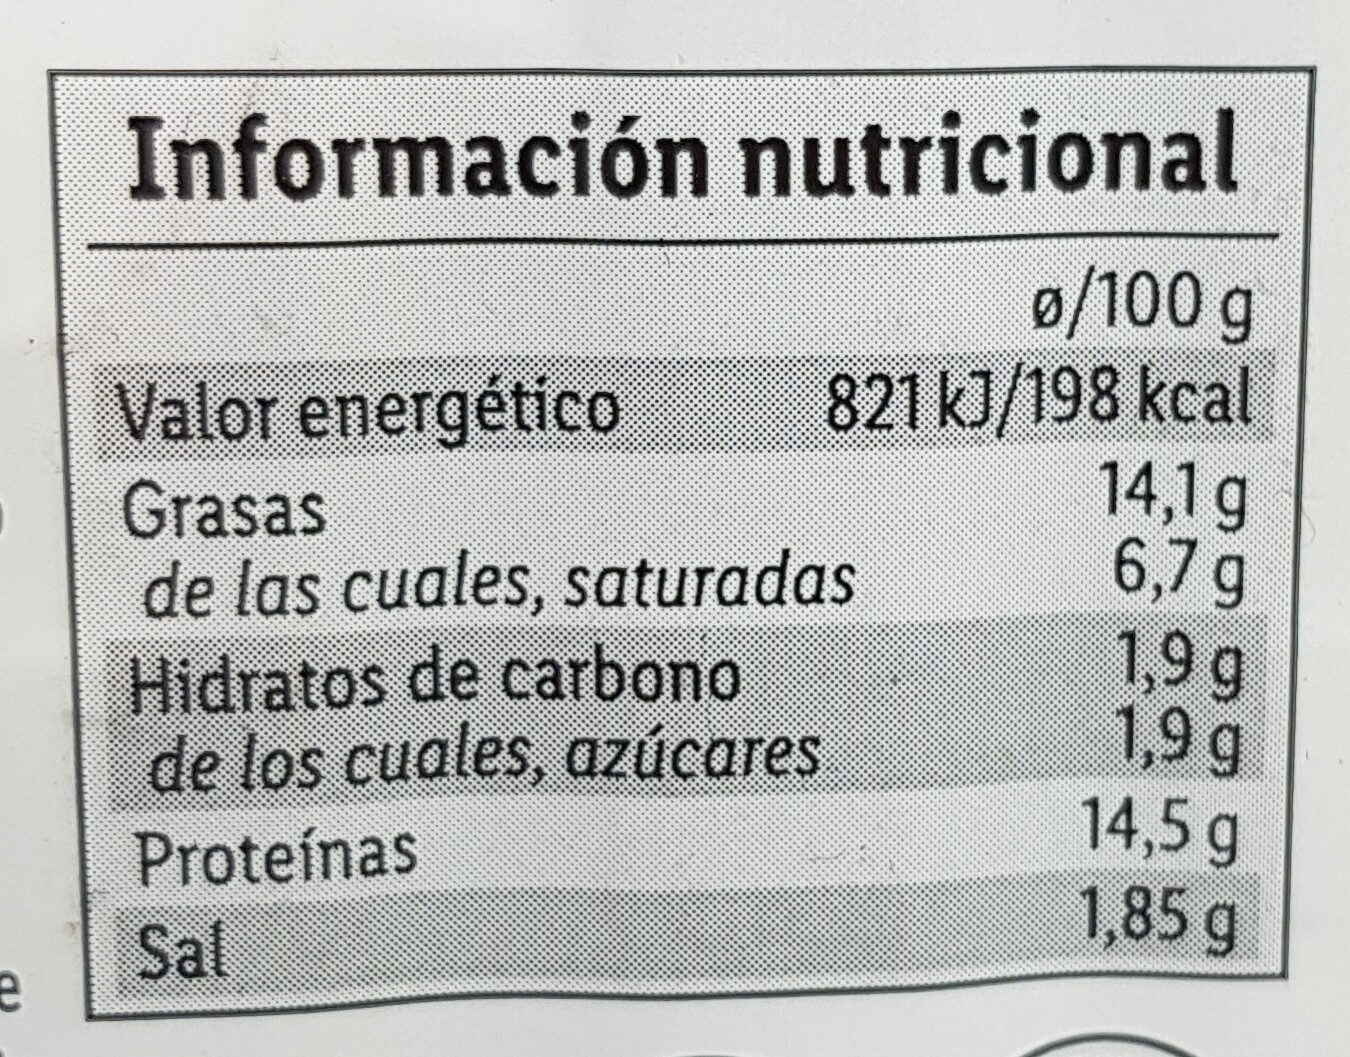 Hamburguesa jamón y cebolla caramelizada - Vacuno/Cerdo - Información nutricional